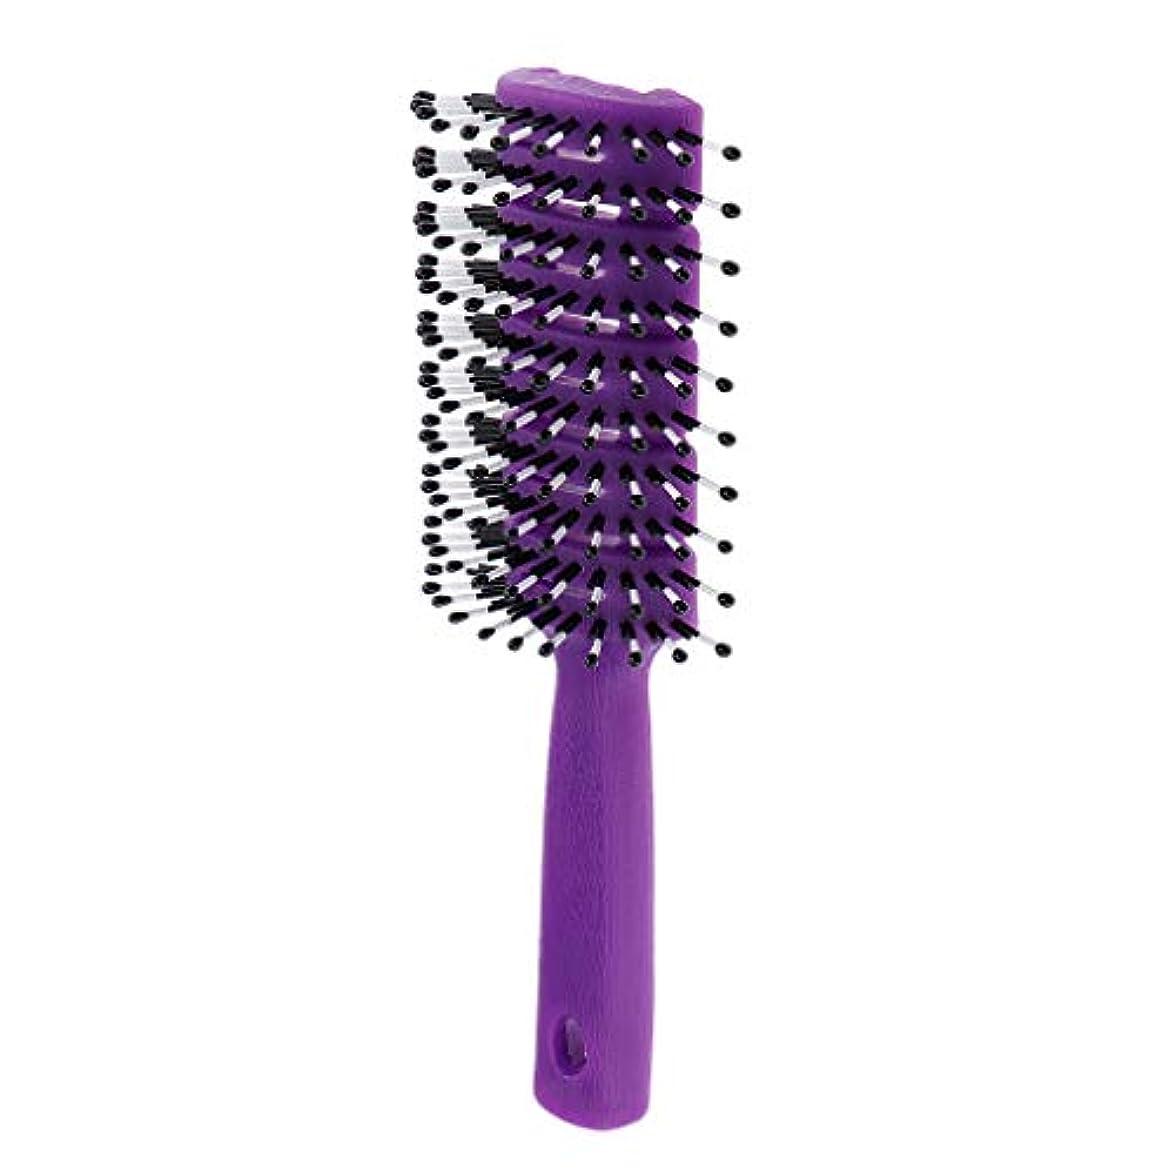 黒動くフィードオンヘアブラシ ユニセックス 静電防止櫛 ヘアケア ヘアスタイリング ヘアコーム 3色選べ - 紫